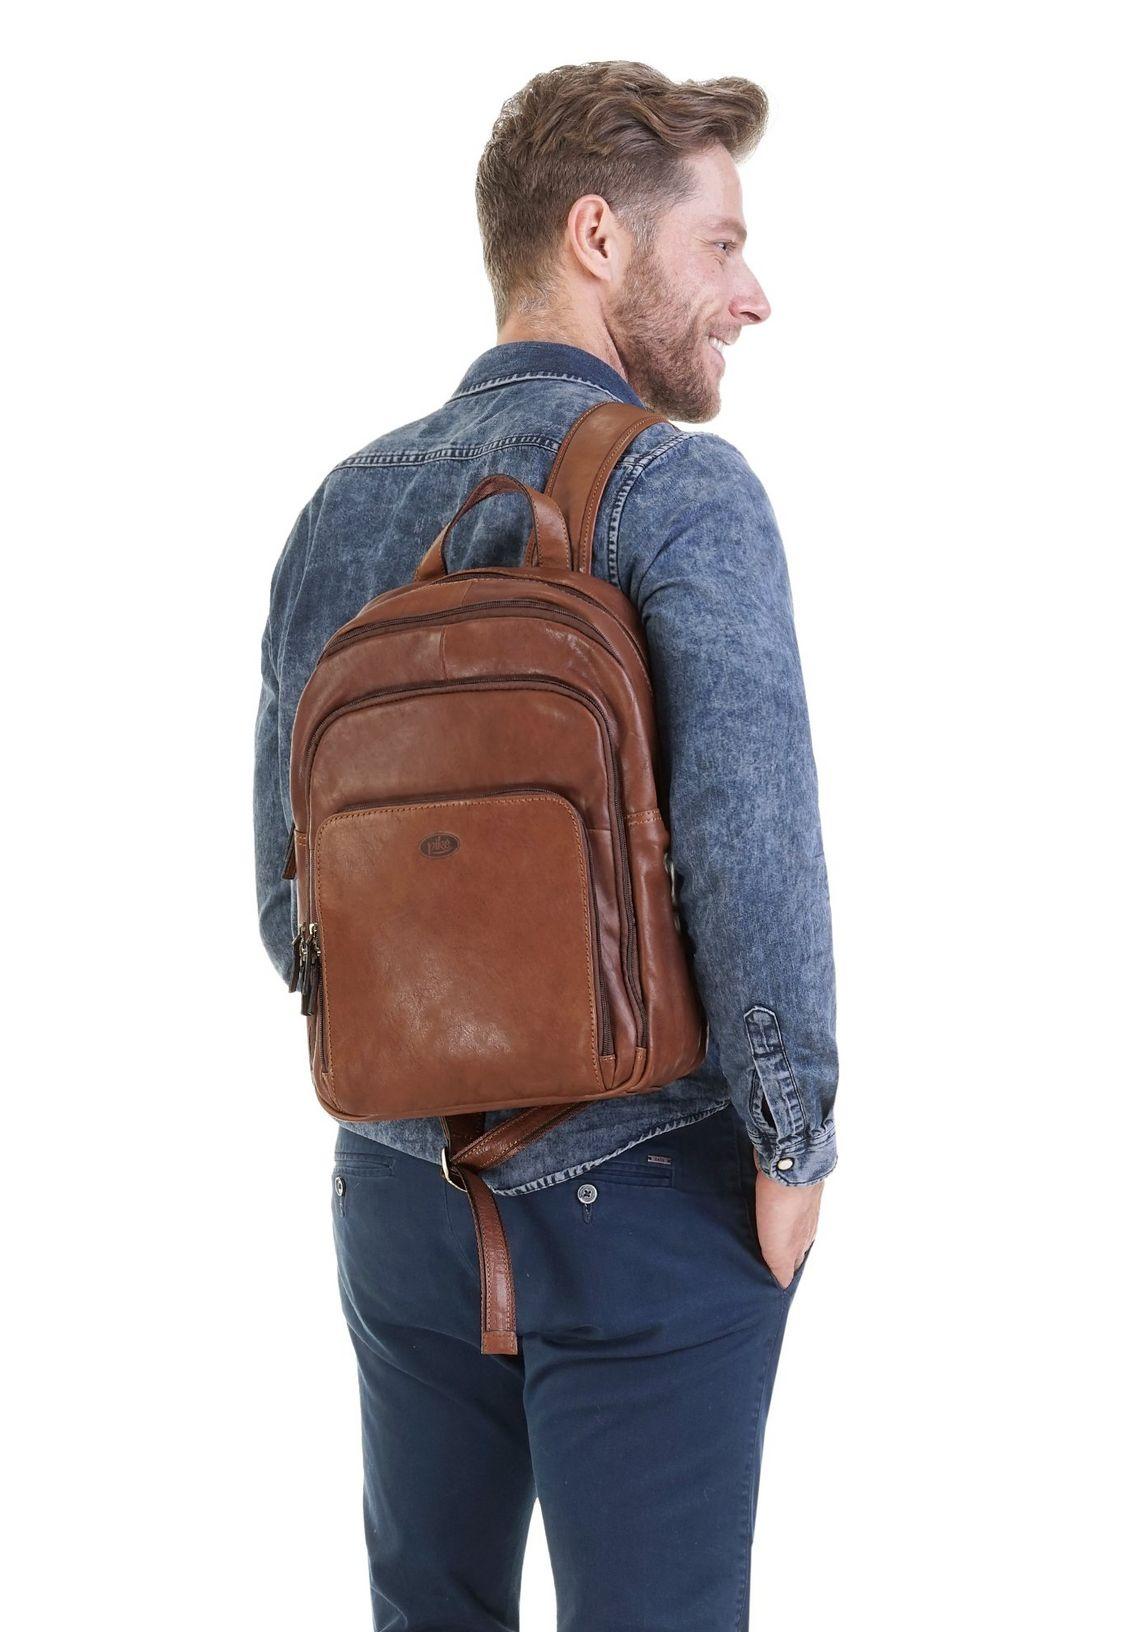 Piké laptop-rugzak in de online shop  bruin